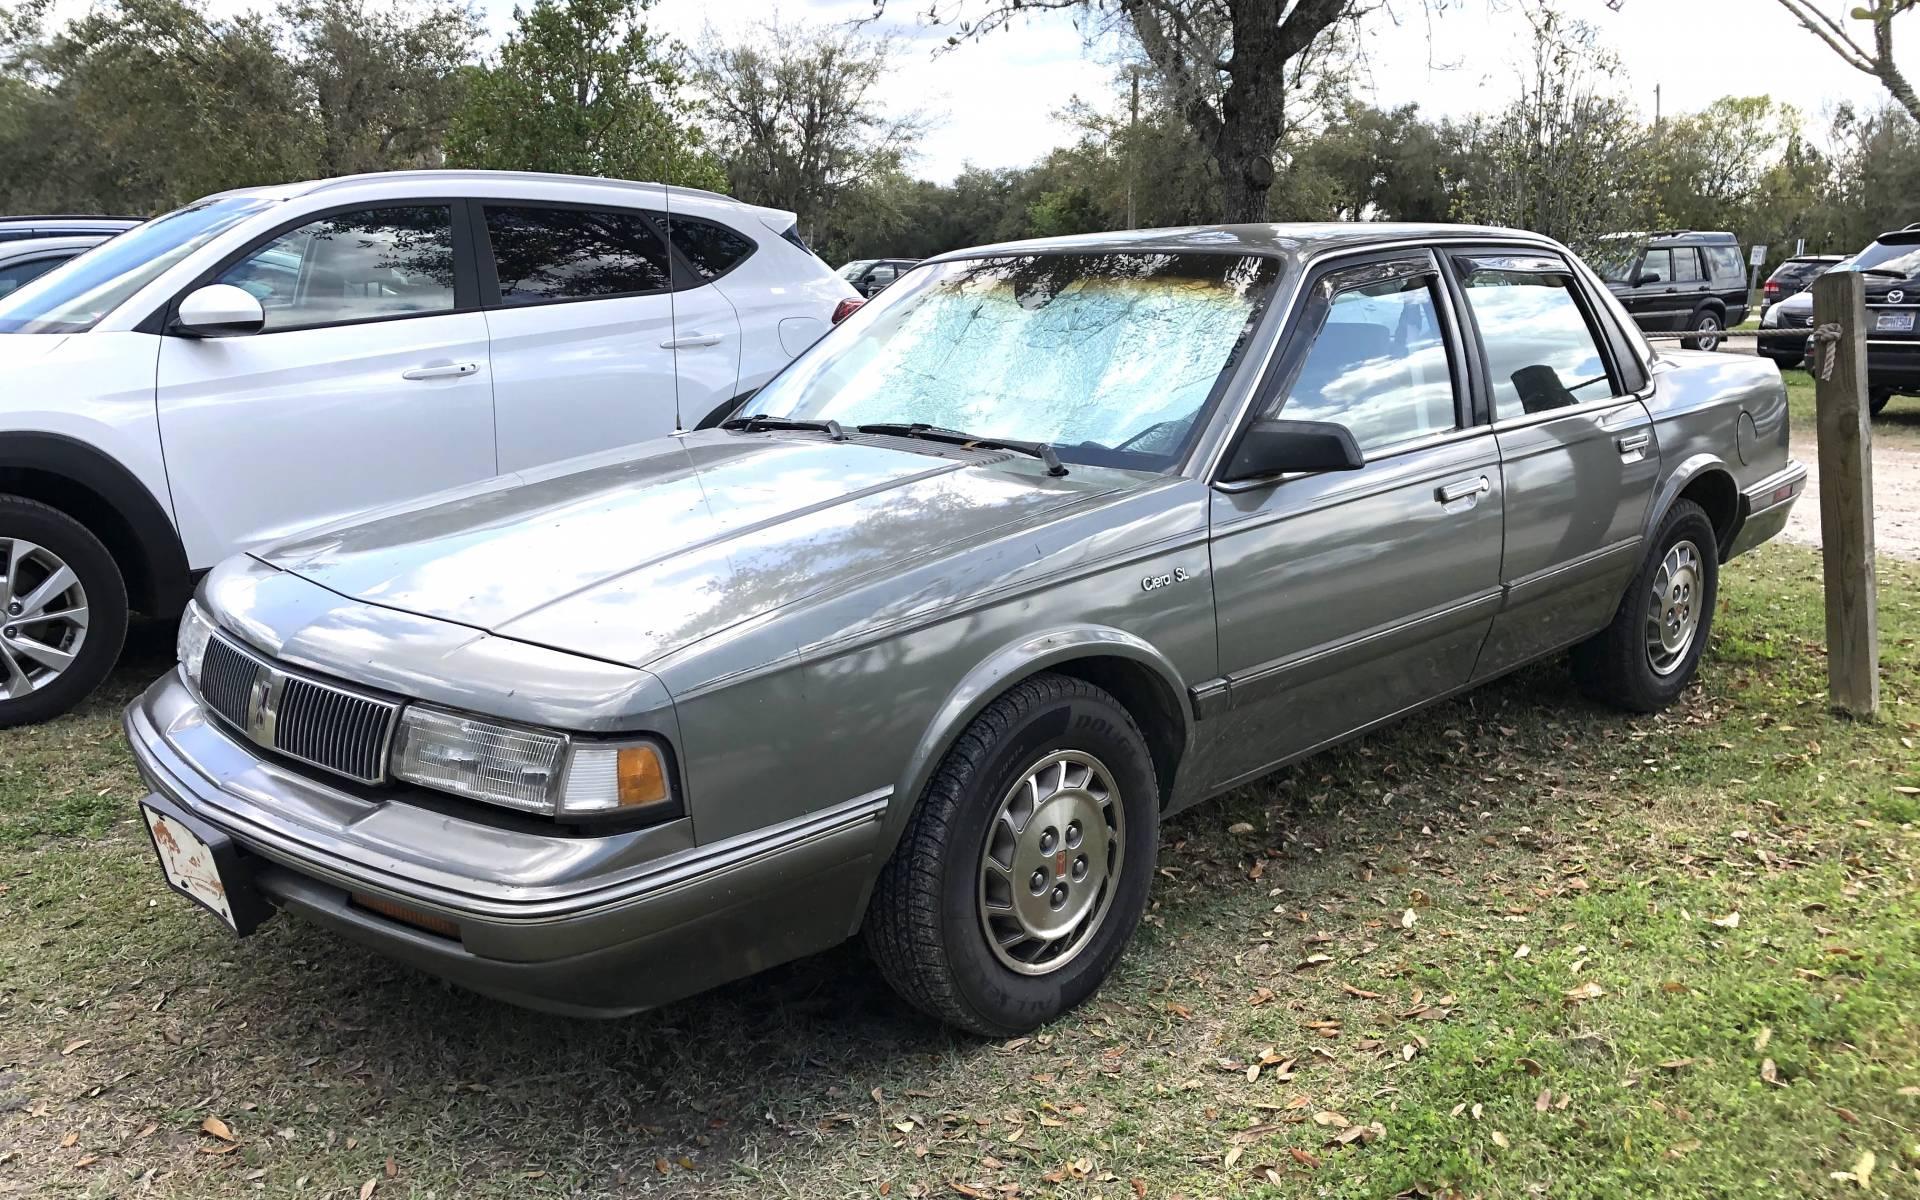 <p><strong>Oldsmobile Cutlass Ciera SL</strong></p>